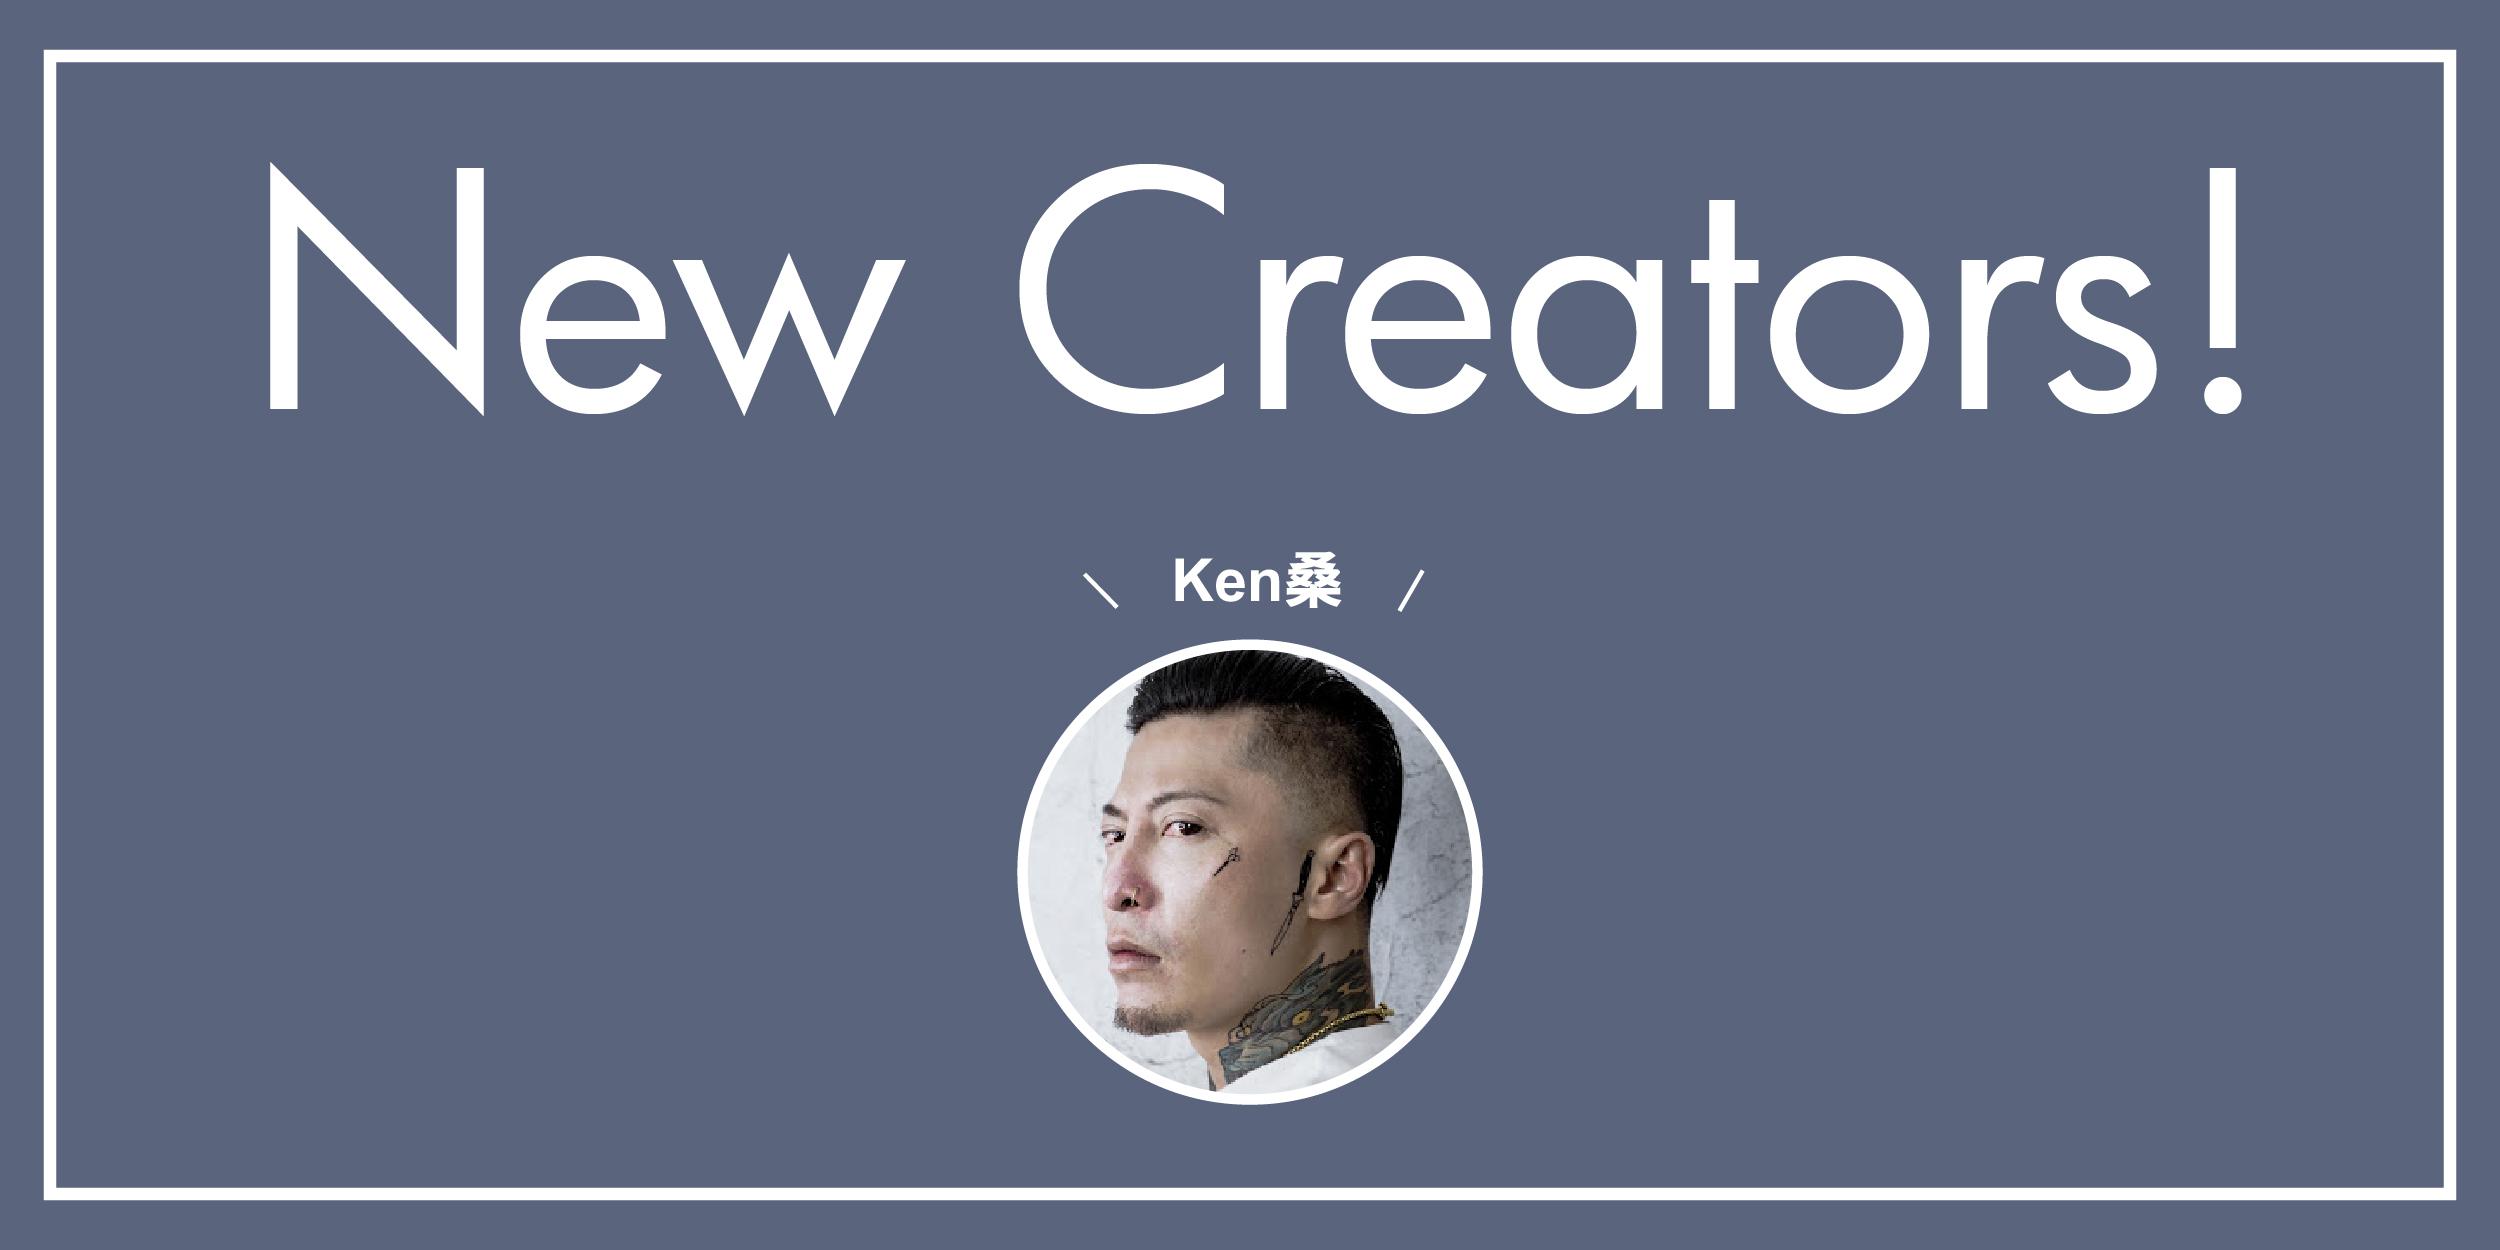 2019 年 2 月新創作者介紹!歡迎 KEN桑加入 CAPSULE